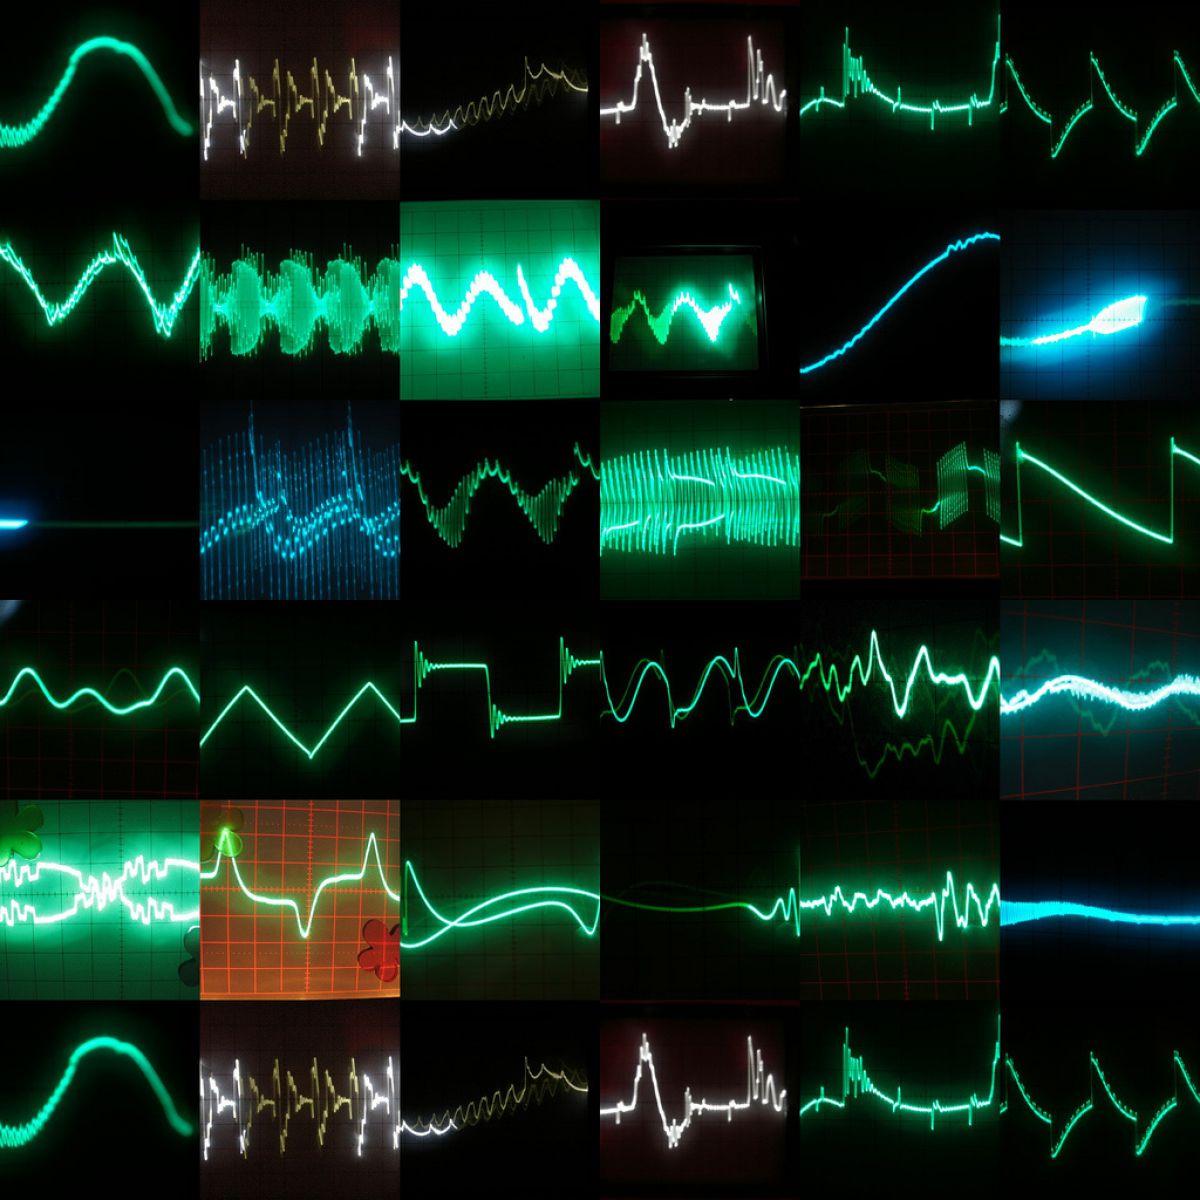 Картинки по запросу Звуковой дизайн картинки